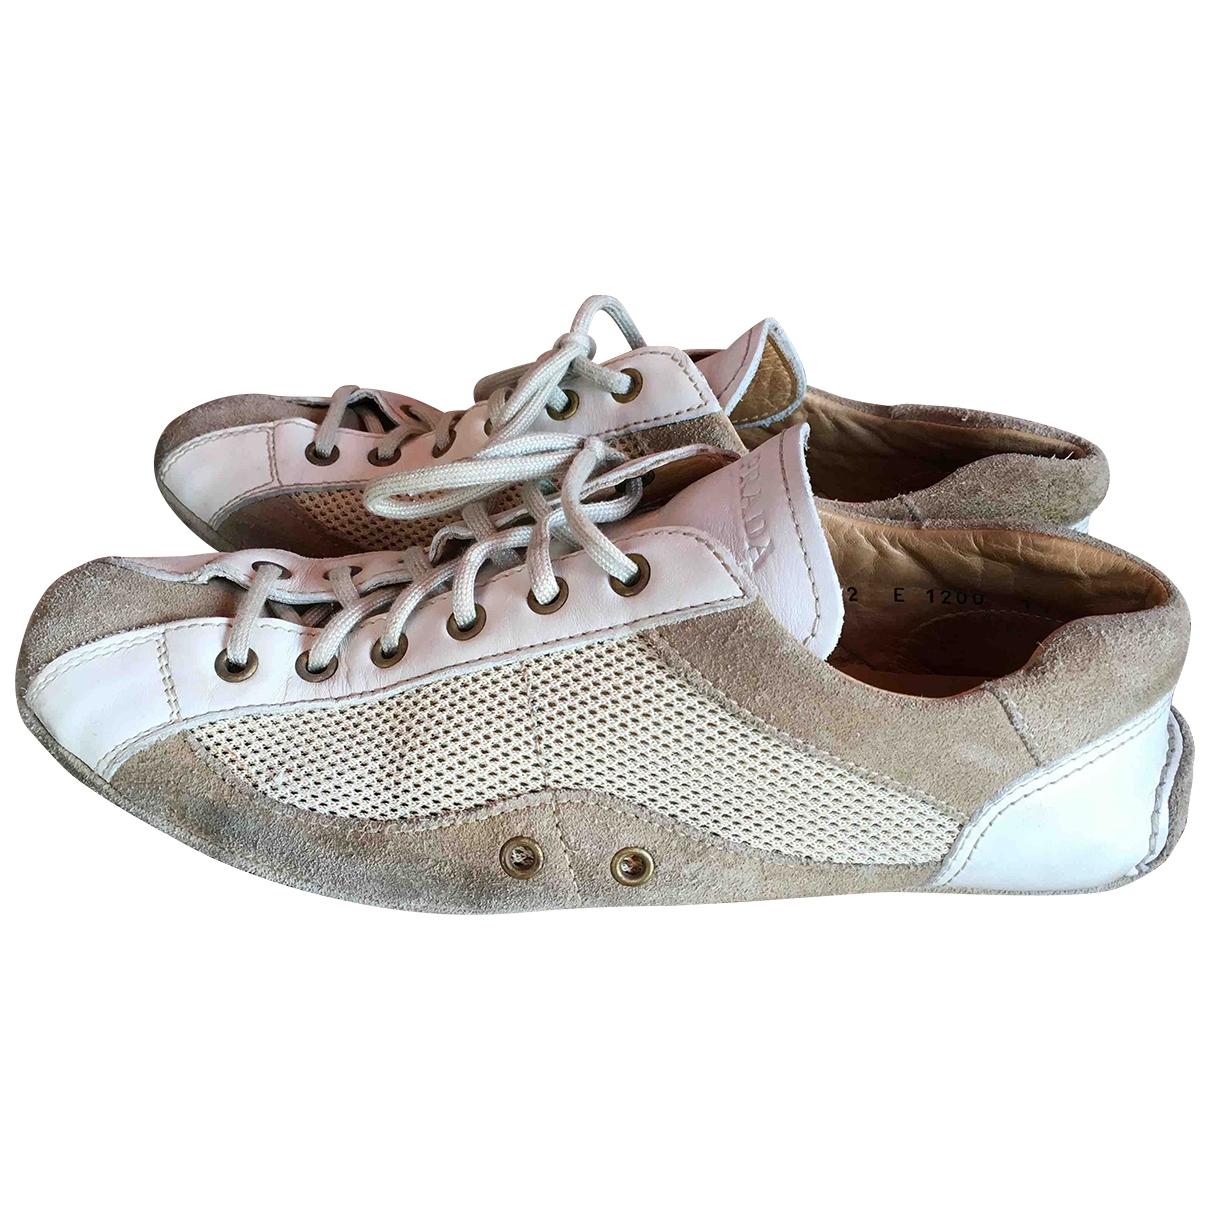 Carshoe - Baskets   pour homme en suede - beige